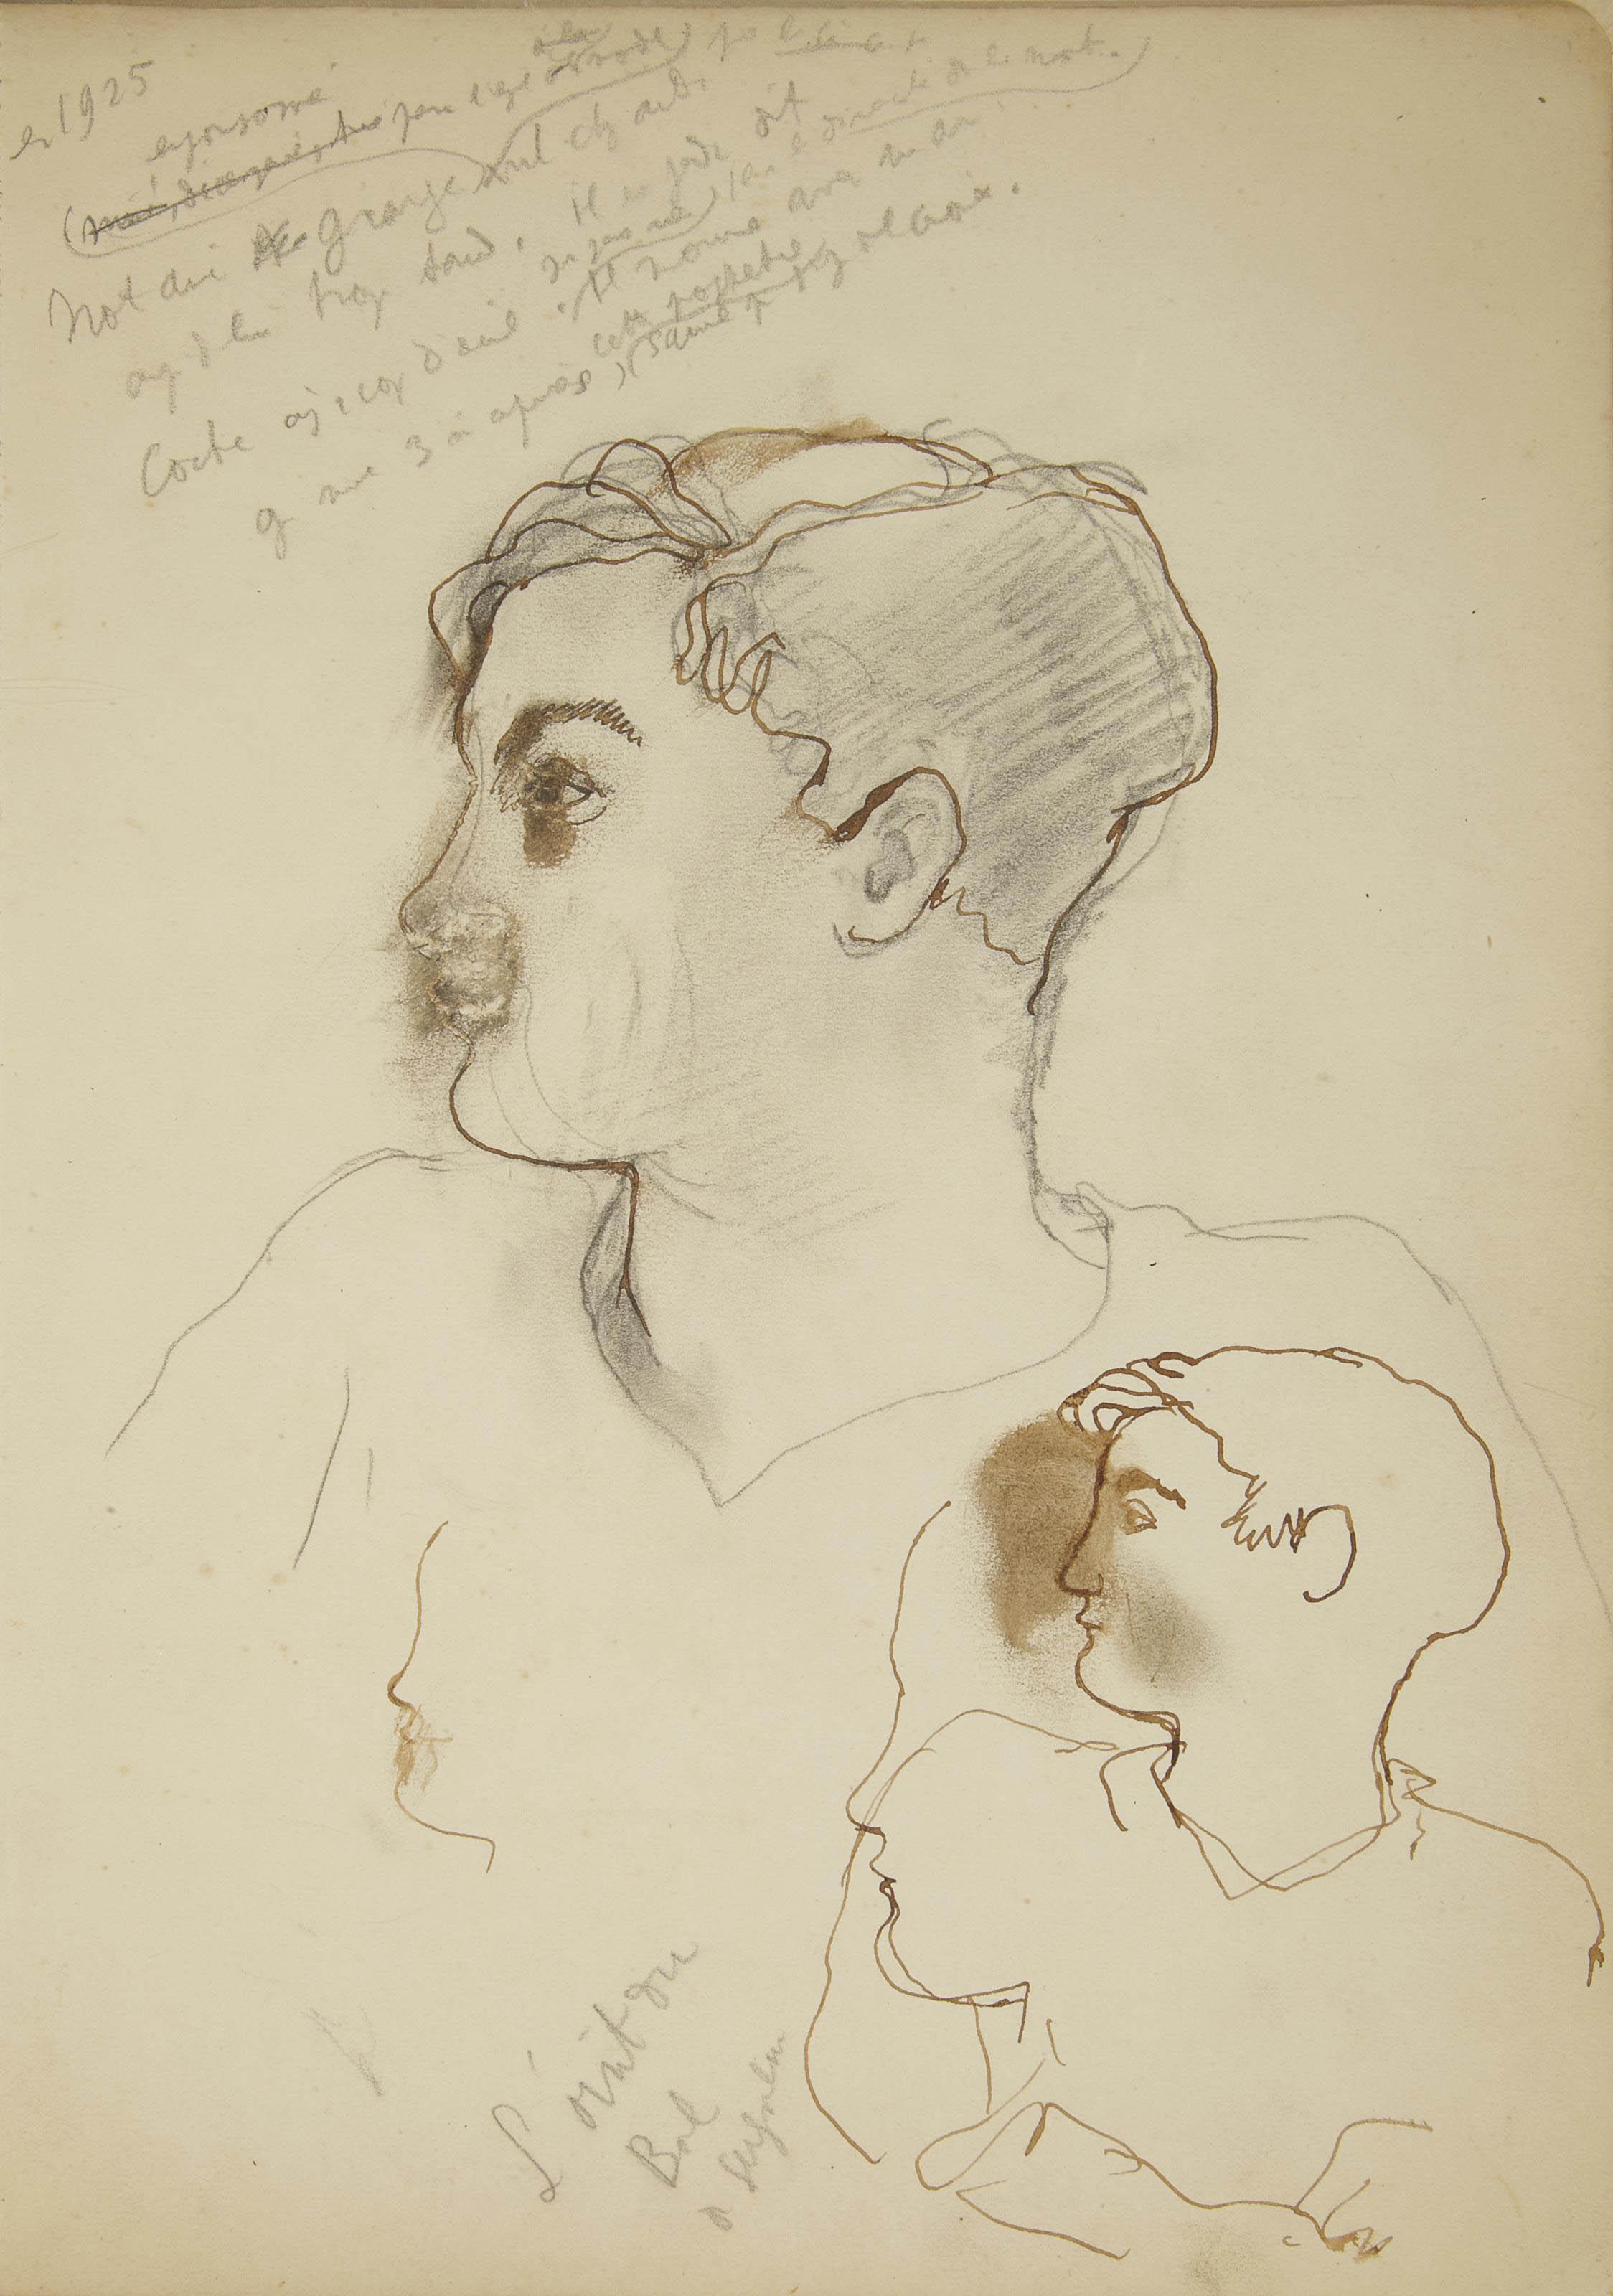 COCTEAU, Jean (1889-1963). Carnet de croquis. Vers 1926.